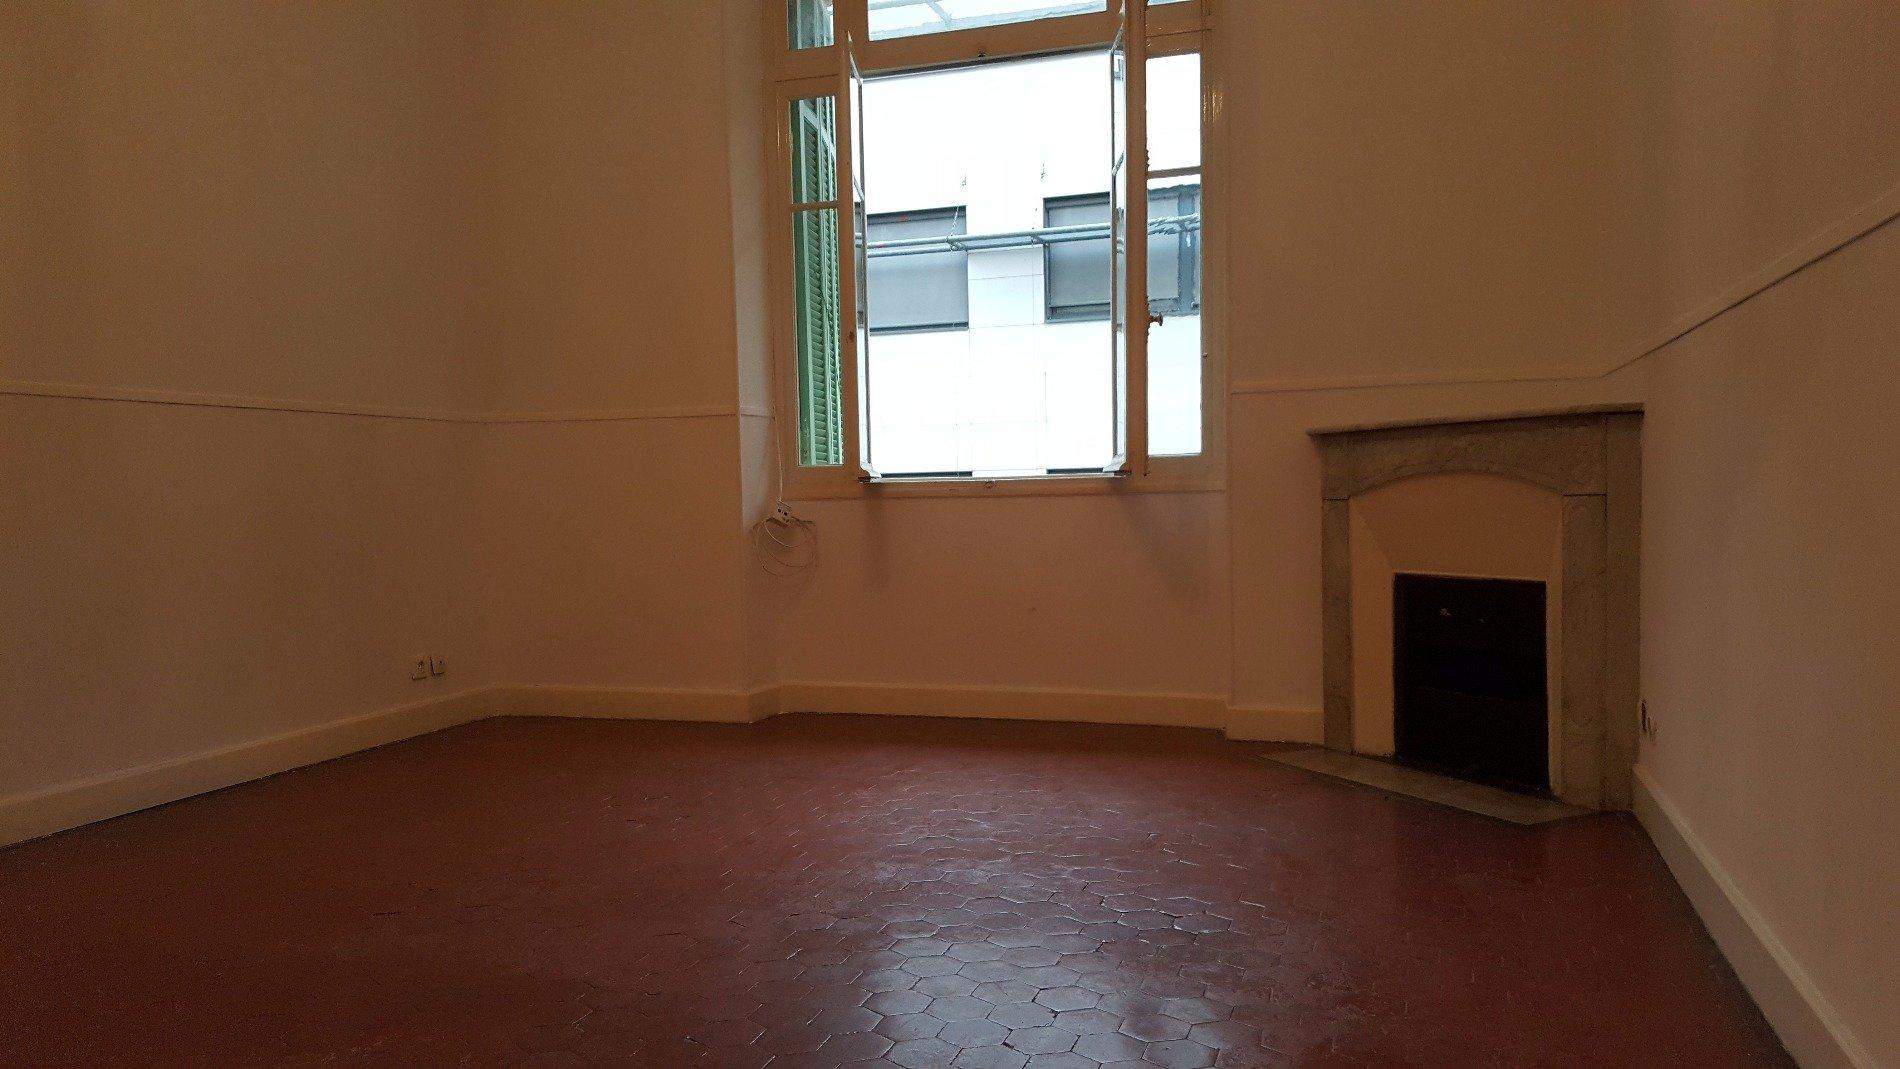 Appartement 3 pièces vide 70 m² MENTON CENTRE